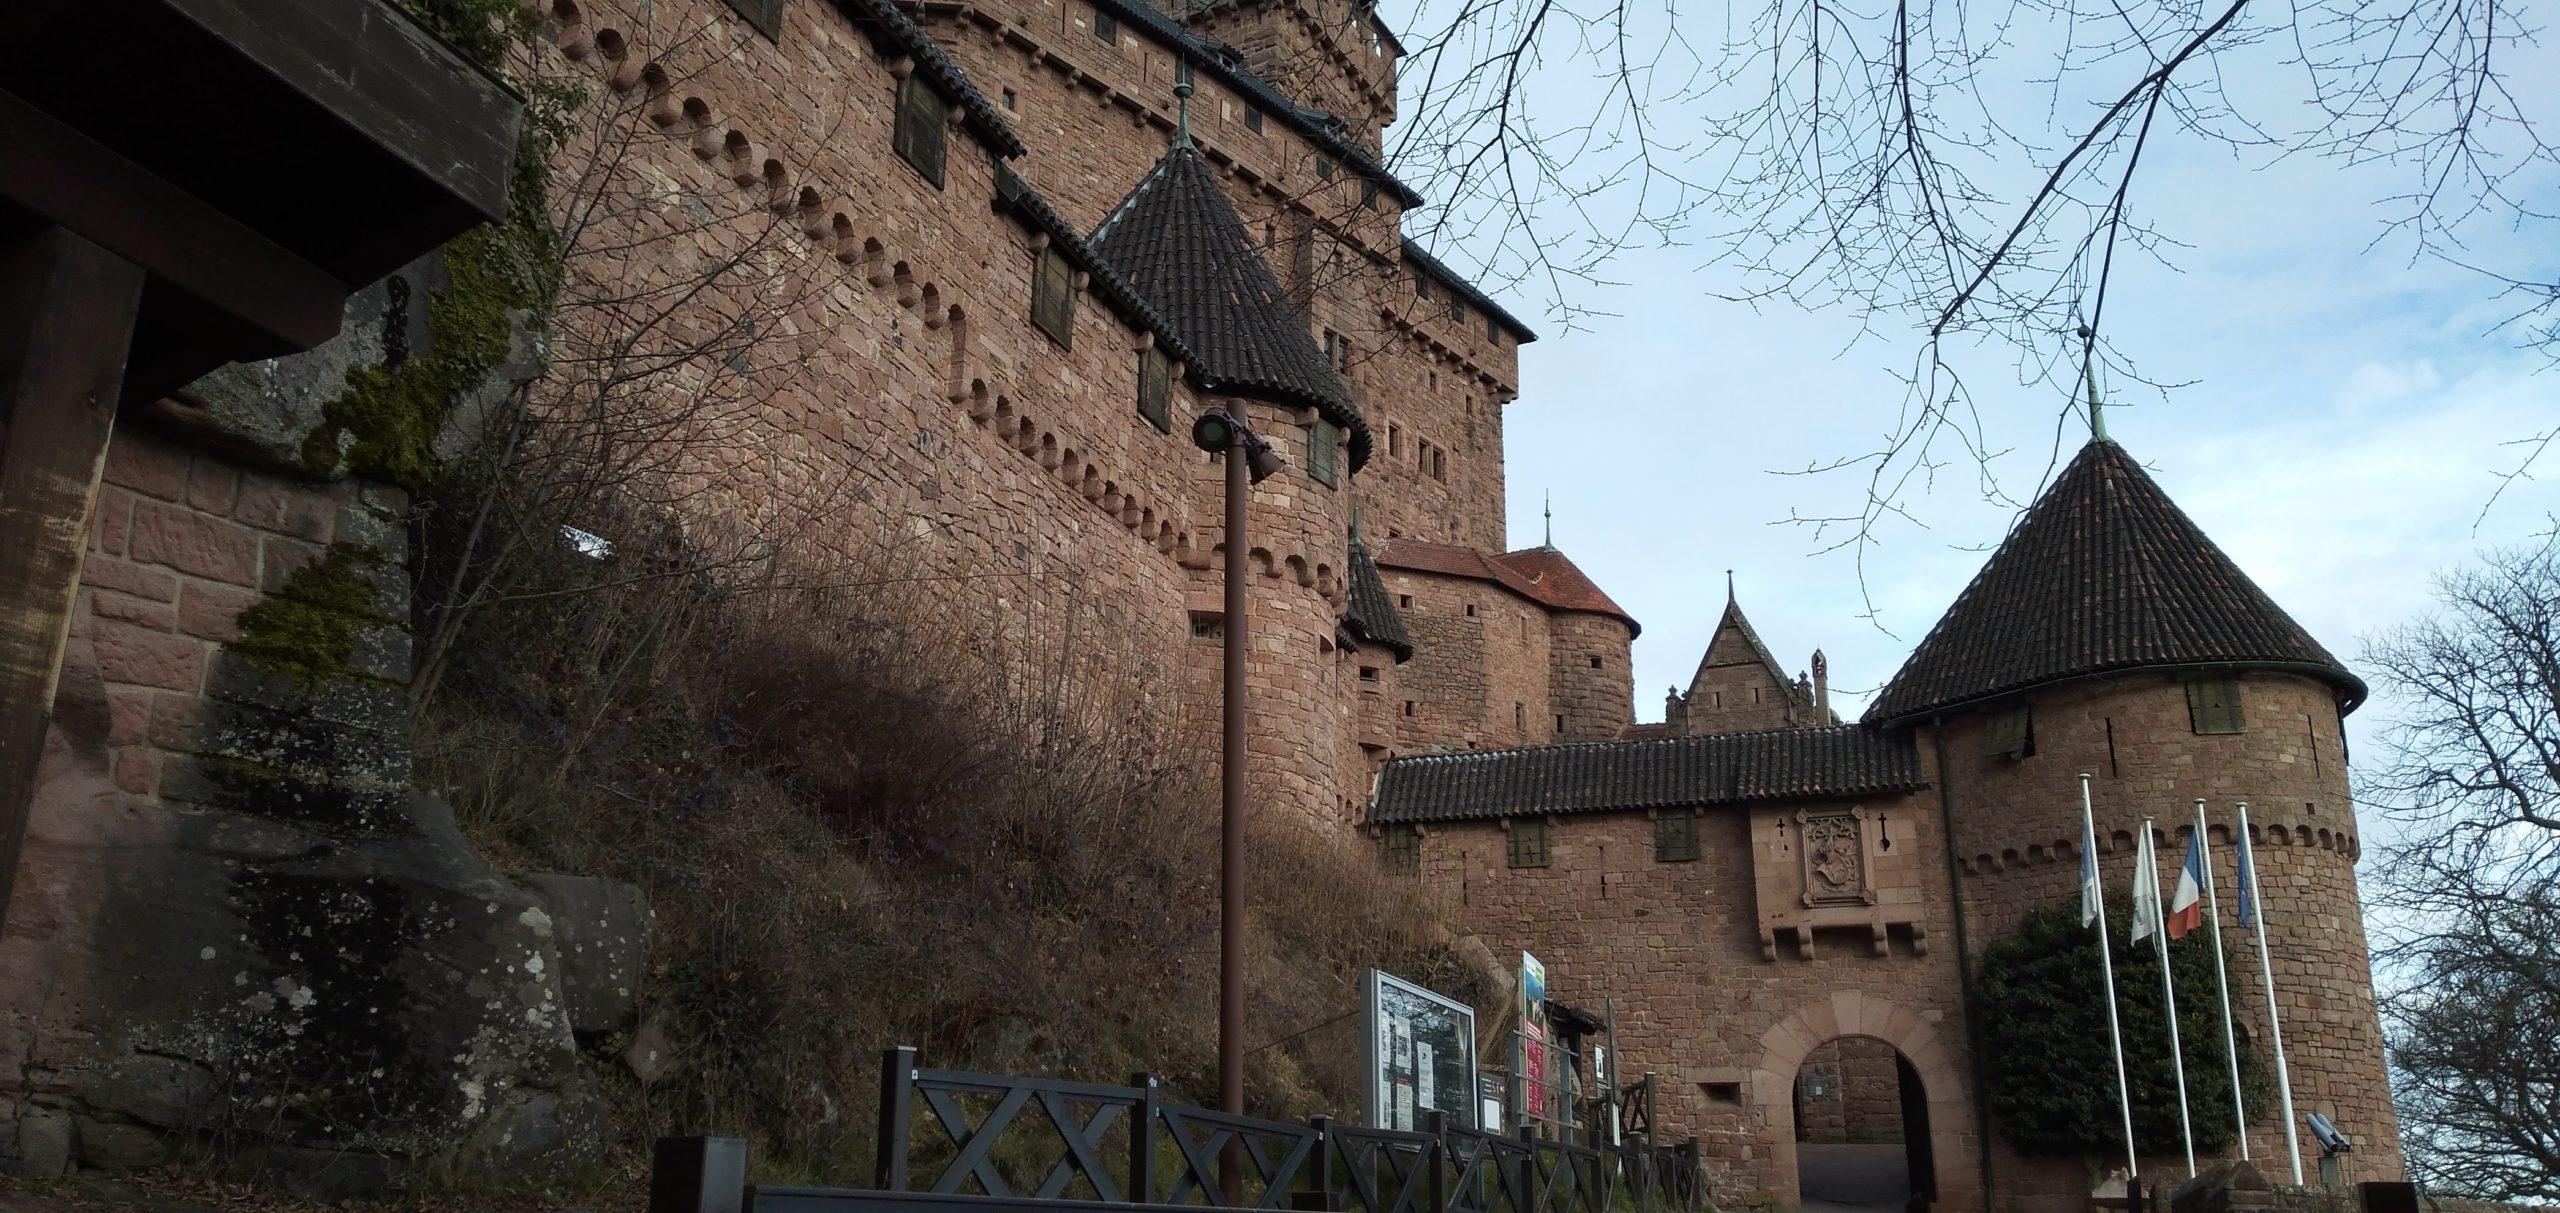 Entrée du Château du Haut-Koenigsbourg datant de janvier 20219 - Par Cendrine Miesch dite LaPtiteAlsacienne